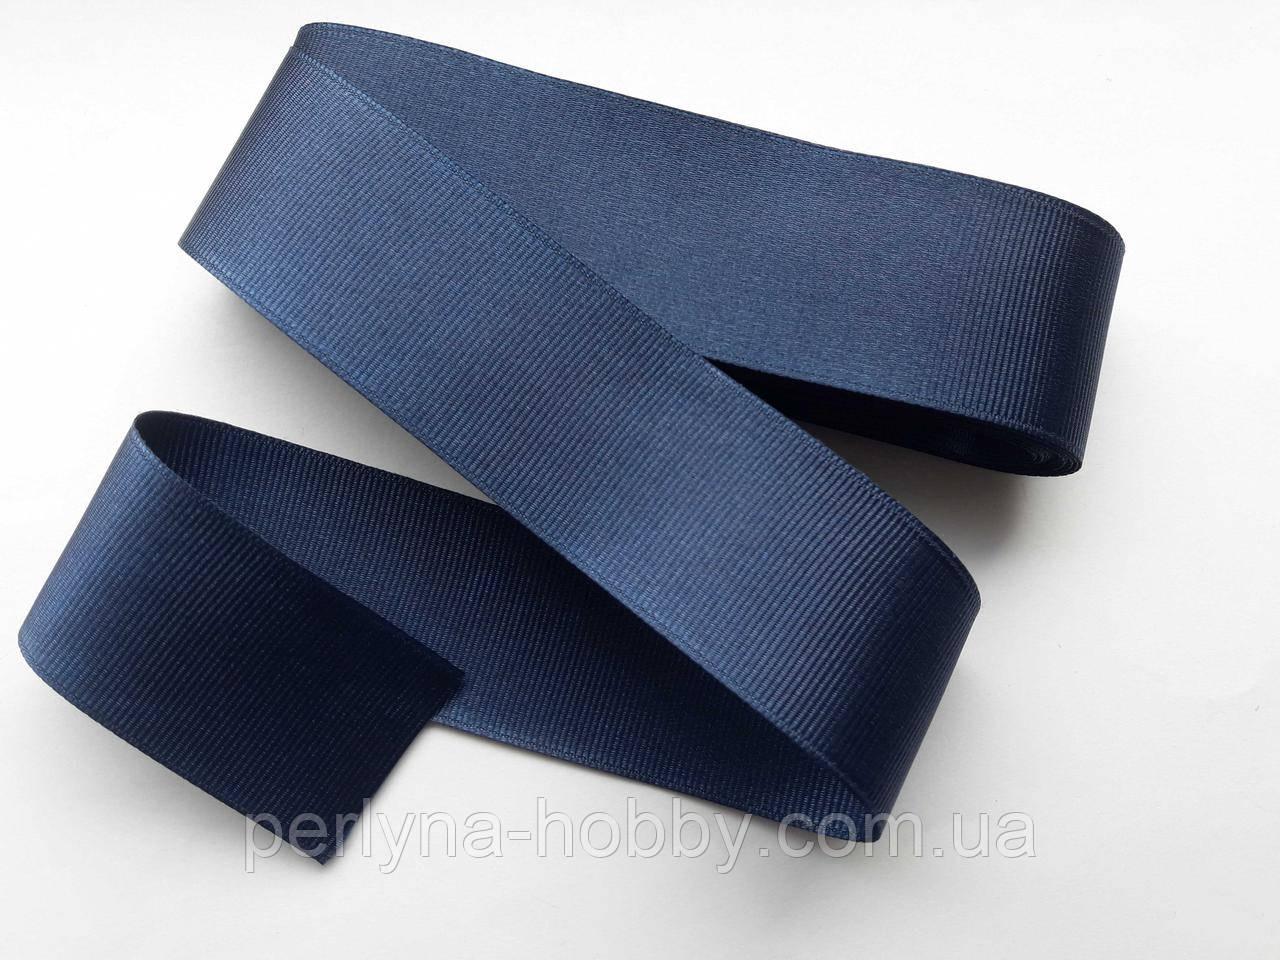 Тесьма лента репсовая широкая Стрічка репсова  4 см 40 мм. Синя темна 97. Туреччина